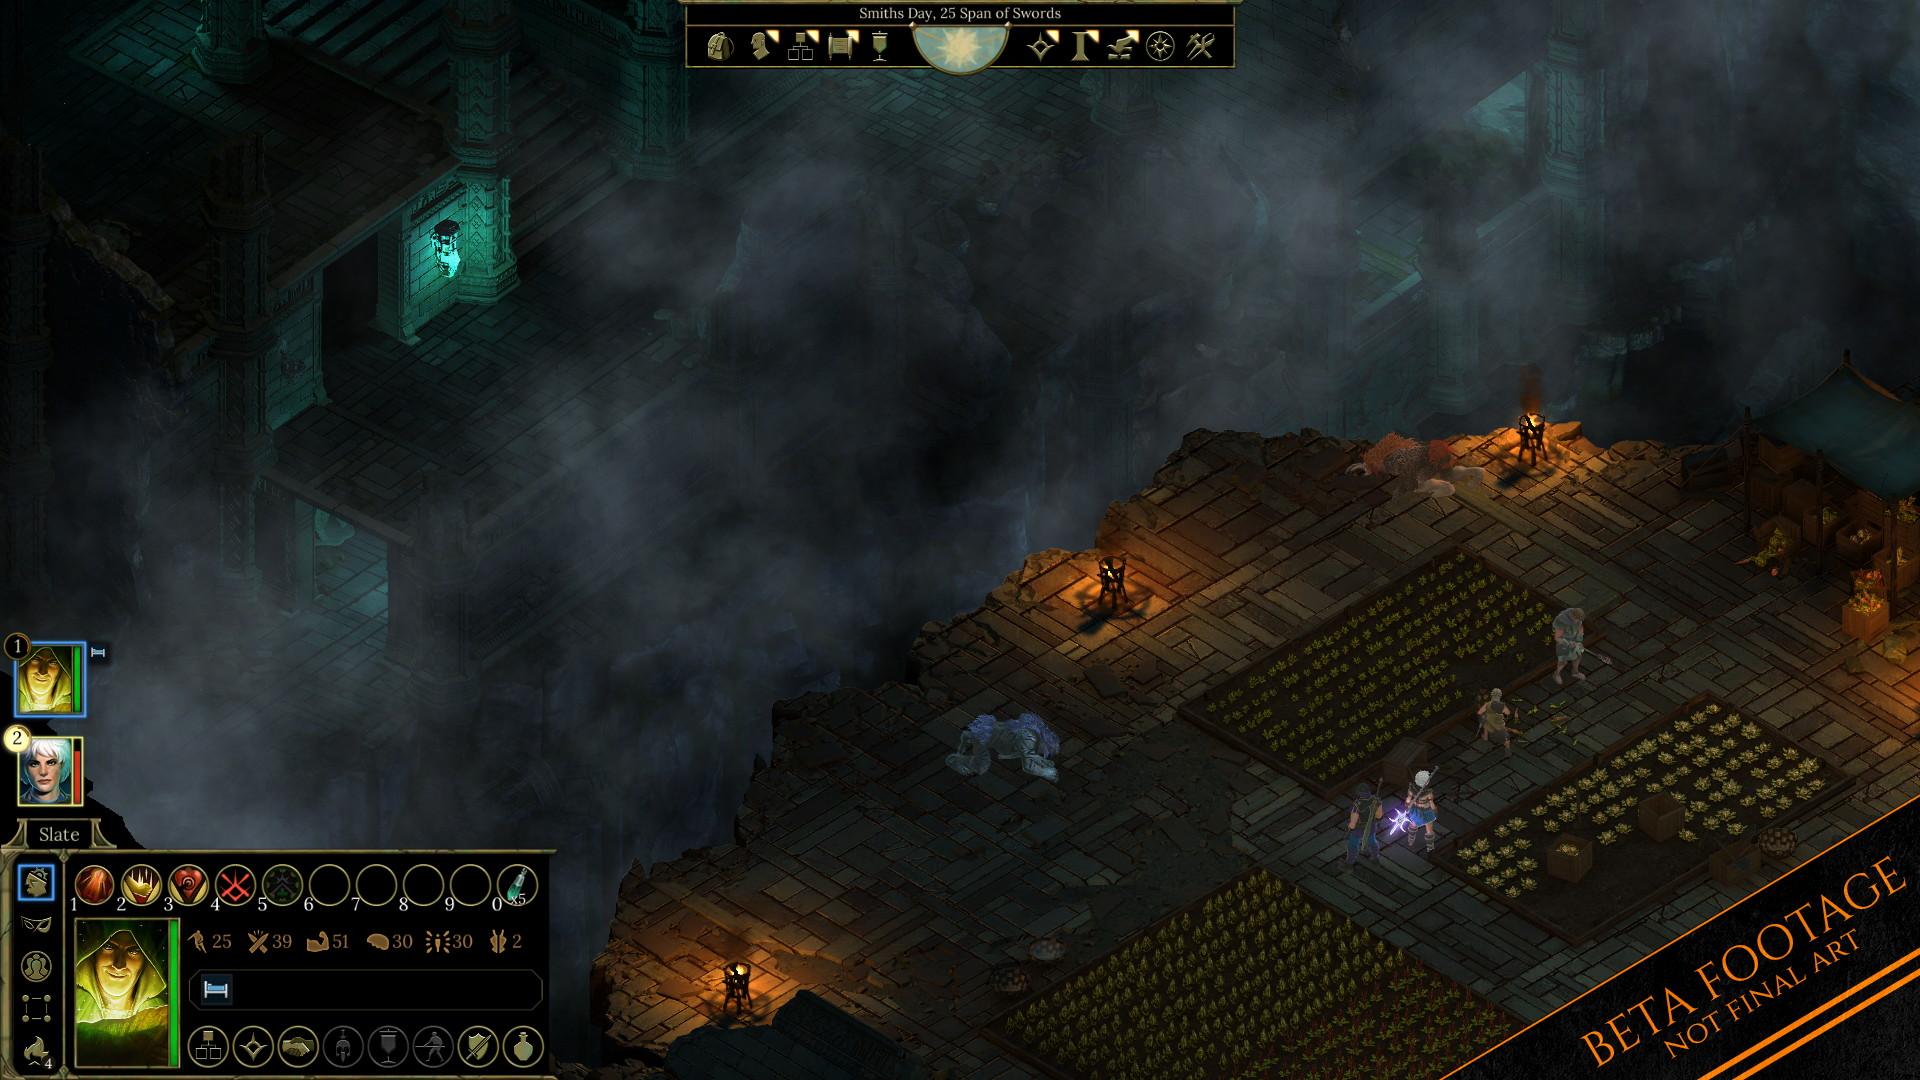 Tyranny_Bastards_Wound_DLC_E3_Screenshot_01